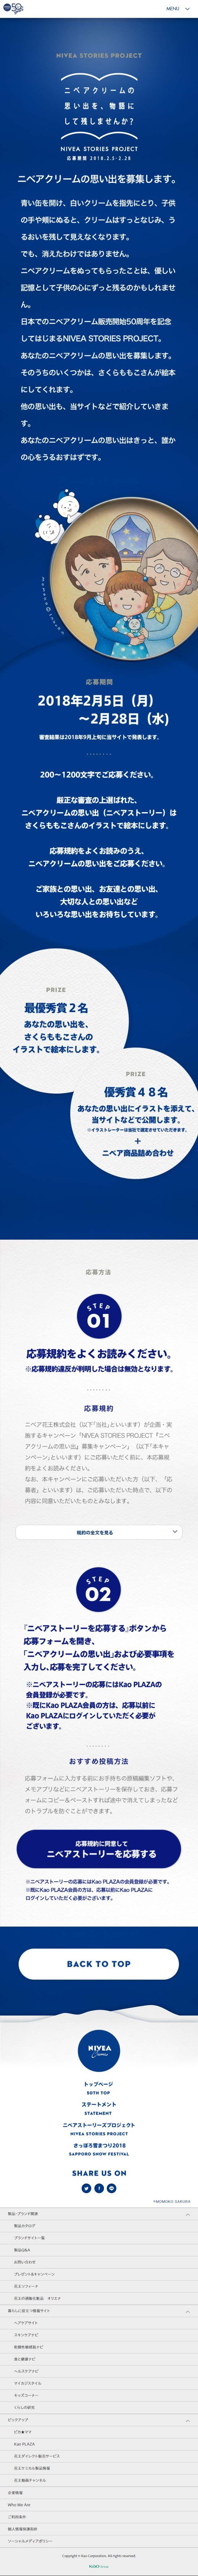 花王株式会社様の「NIVEA STORIES PROJECT」のスマホランディングページ(LP)シンプル系|インターネットサービス #LP #ランディングページ #ランペ #NIVEA STORIES PROJECT